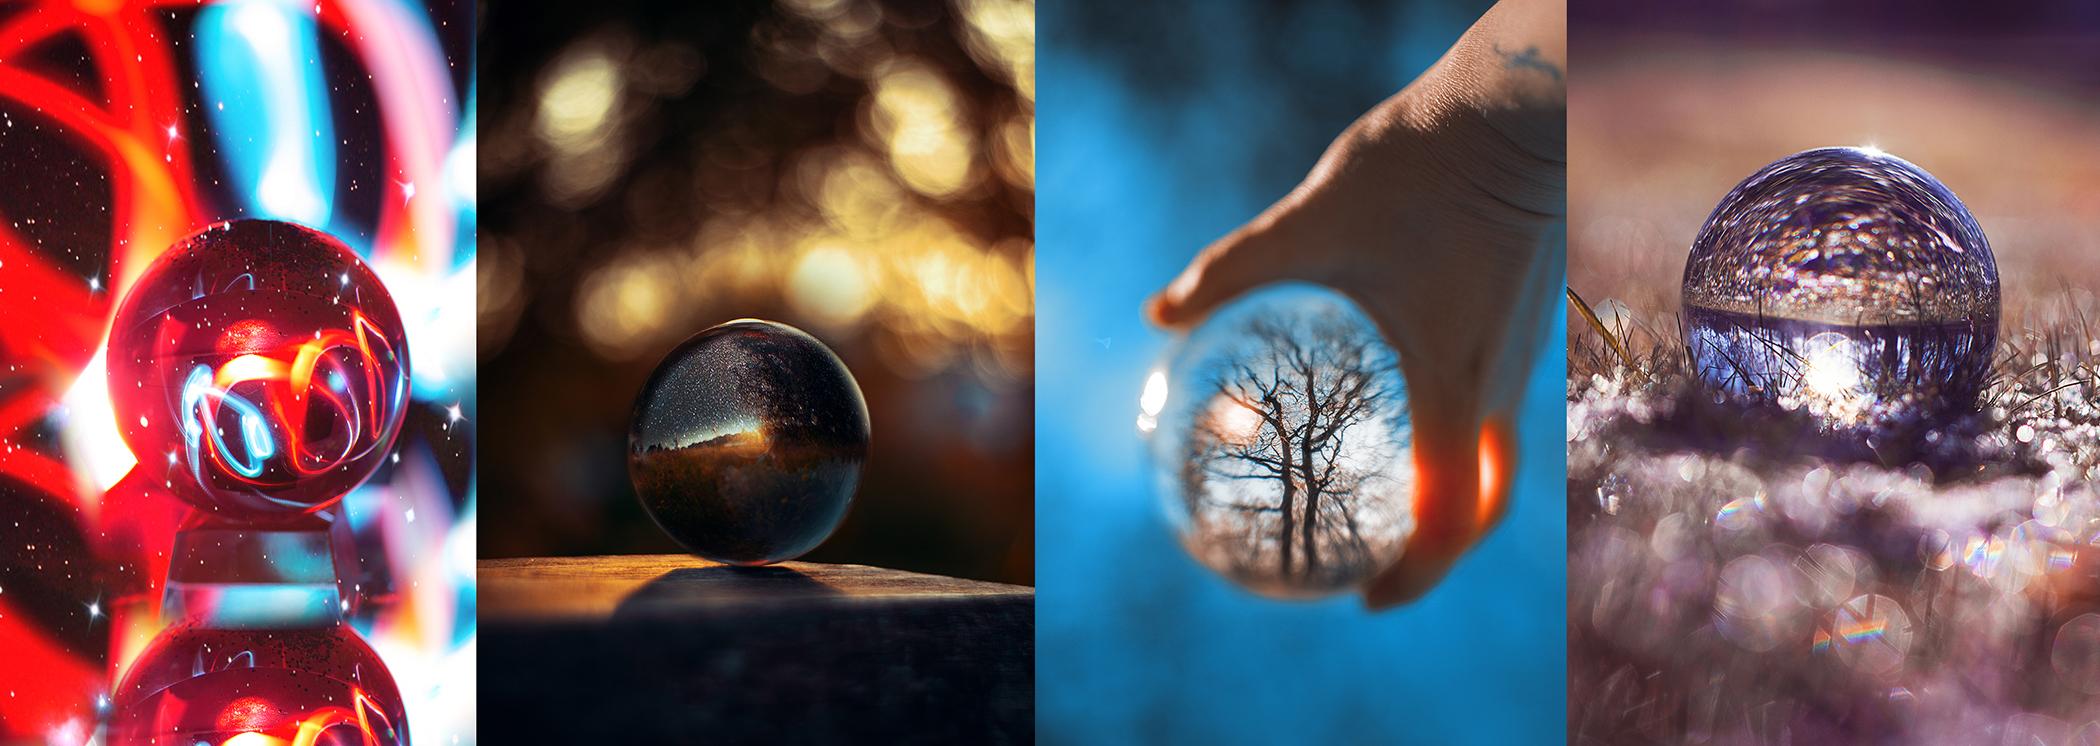 Glaskugel-Fotografie-Bilder